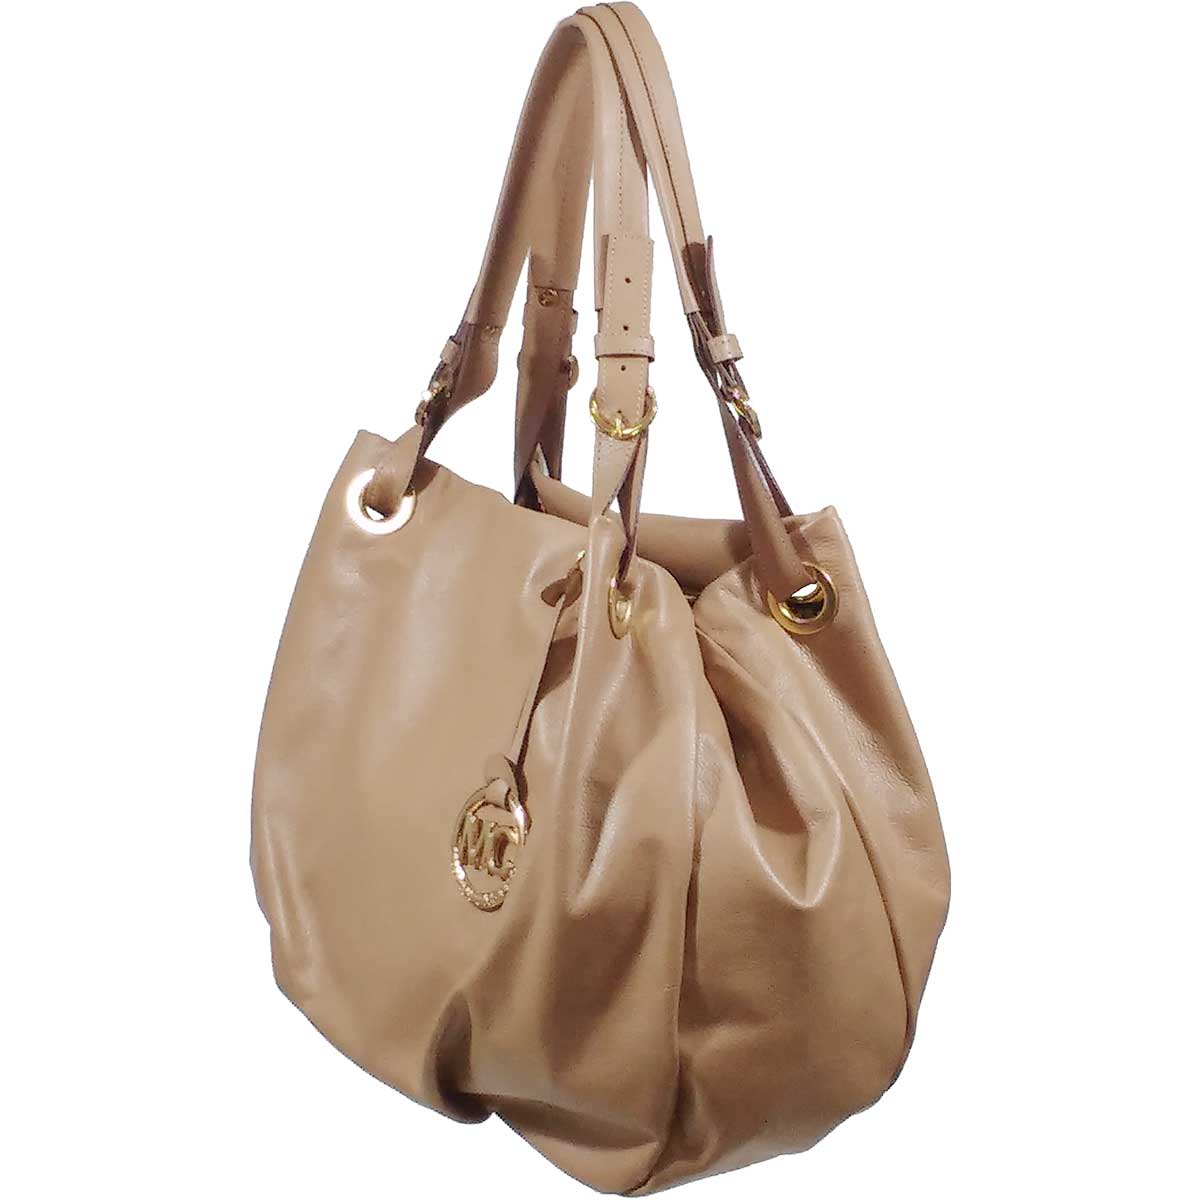 Bolsa De Couro Tipo Saco : Bolsa feminina tipo saco em couro leg?timo com al?a tira